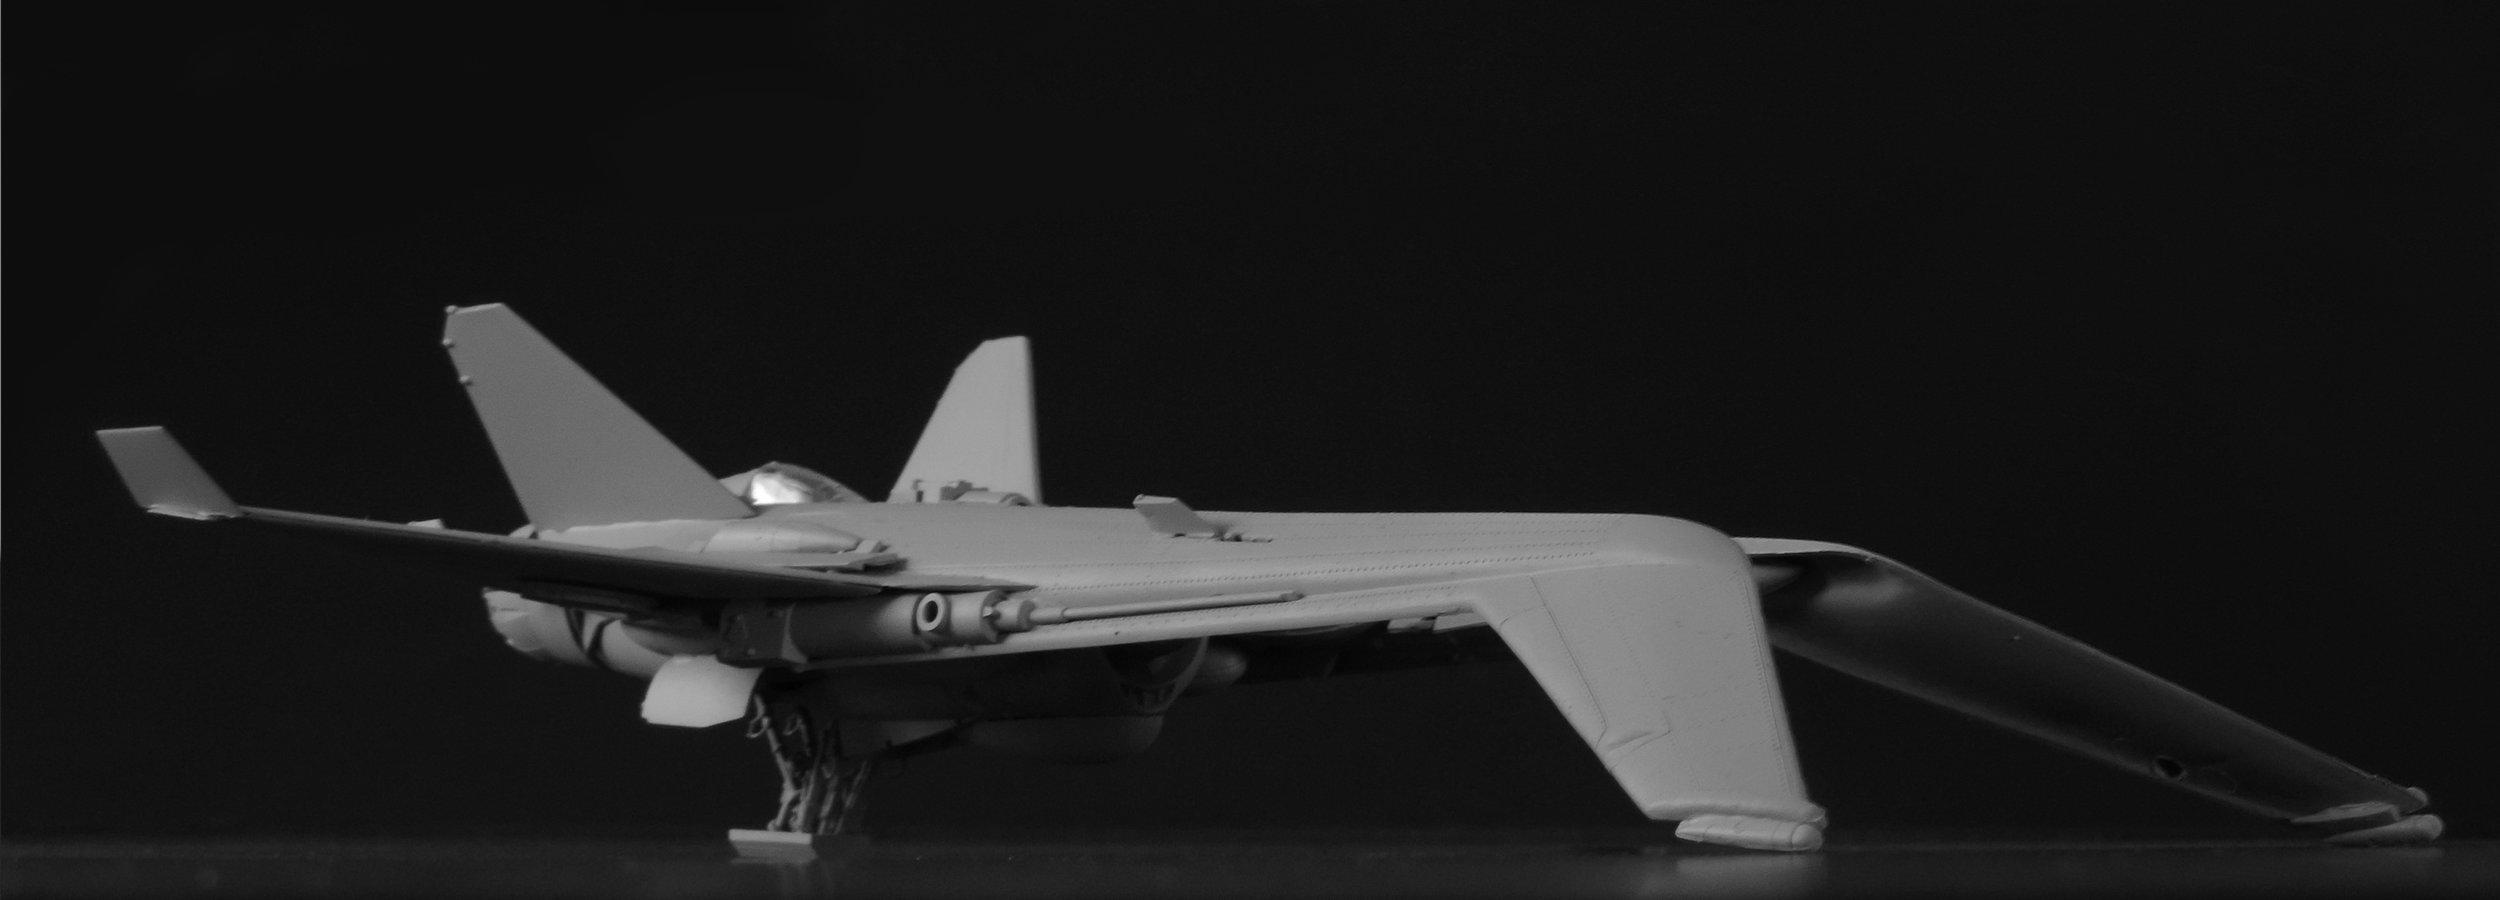 Model 3 - 12.jpg